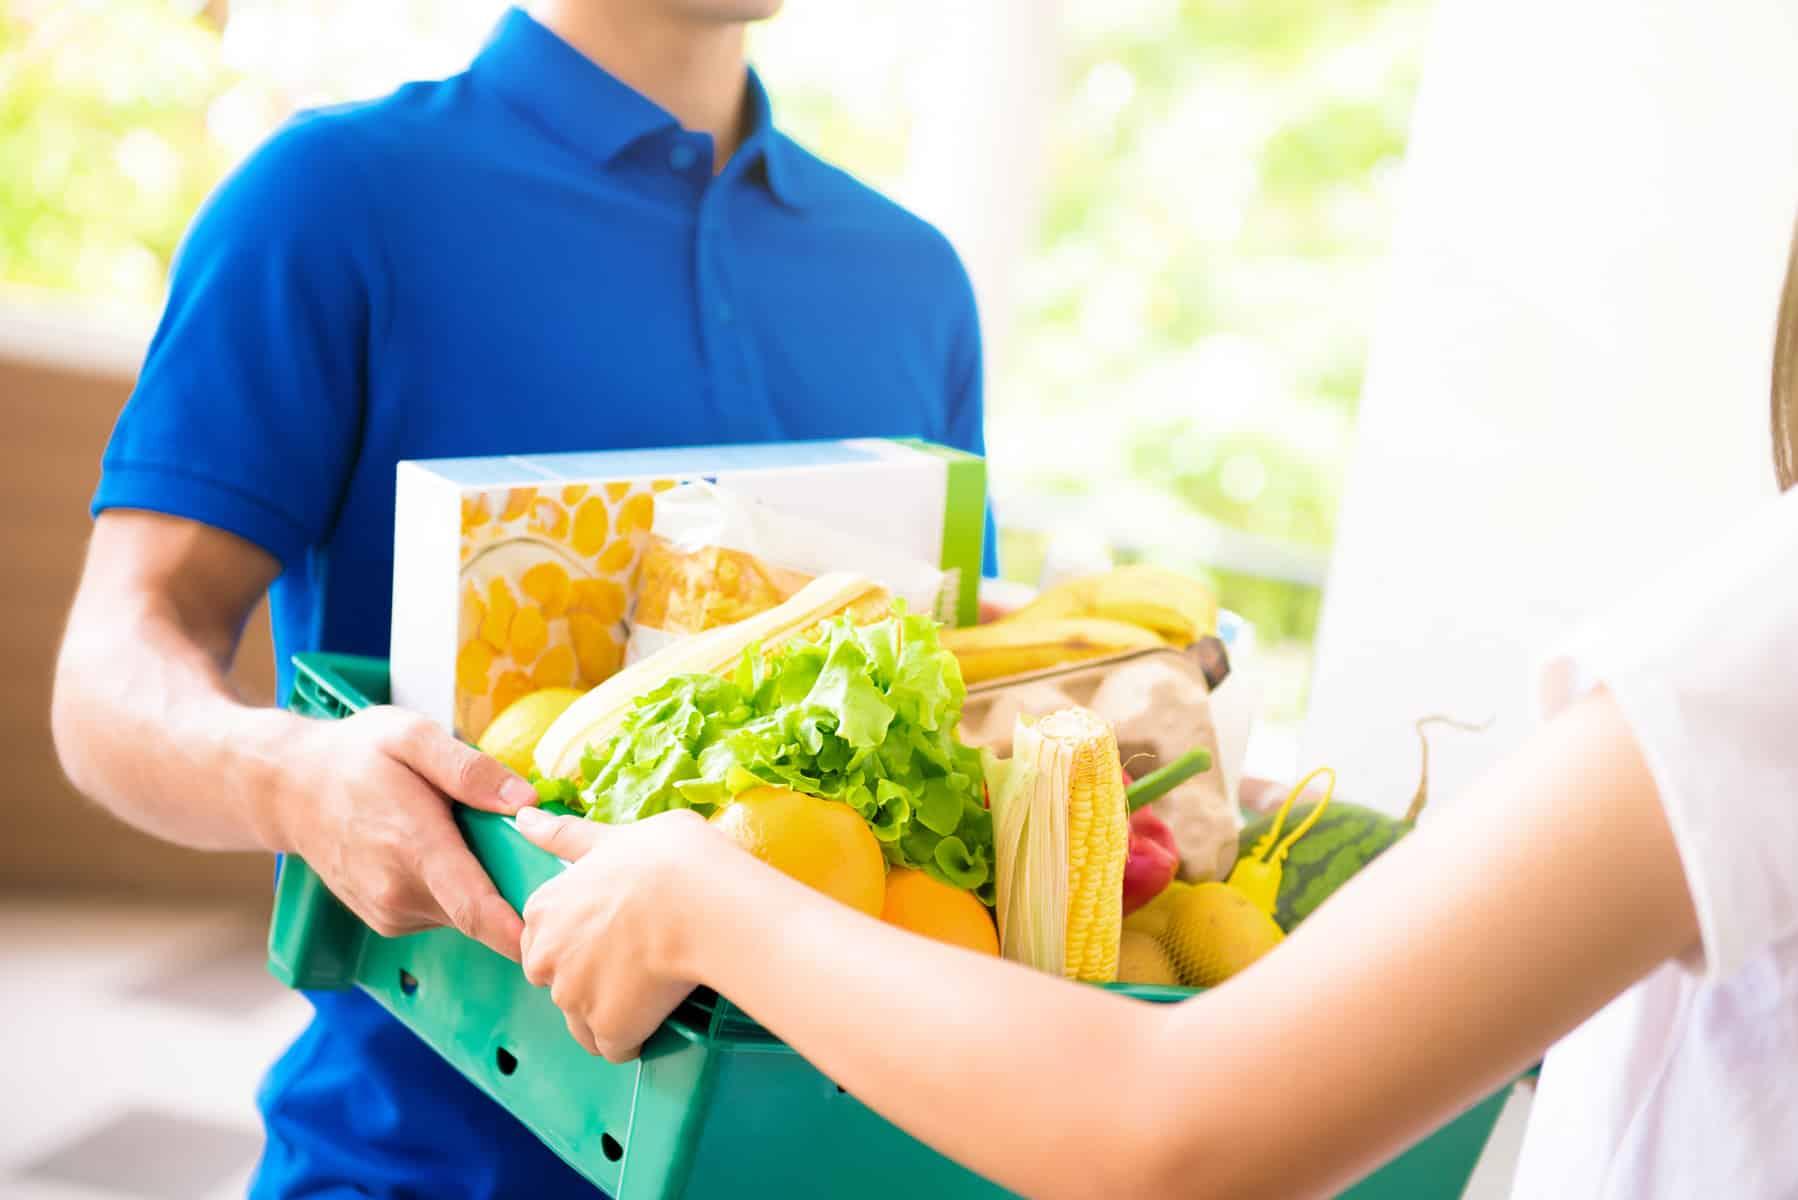 ventas de comestibles en línea - online grocery sales